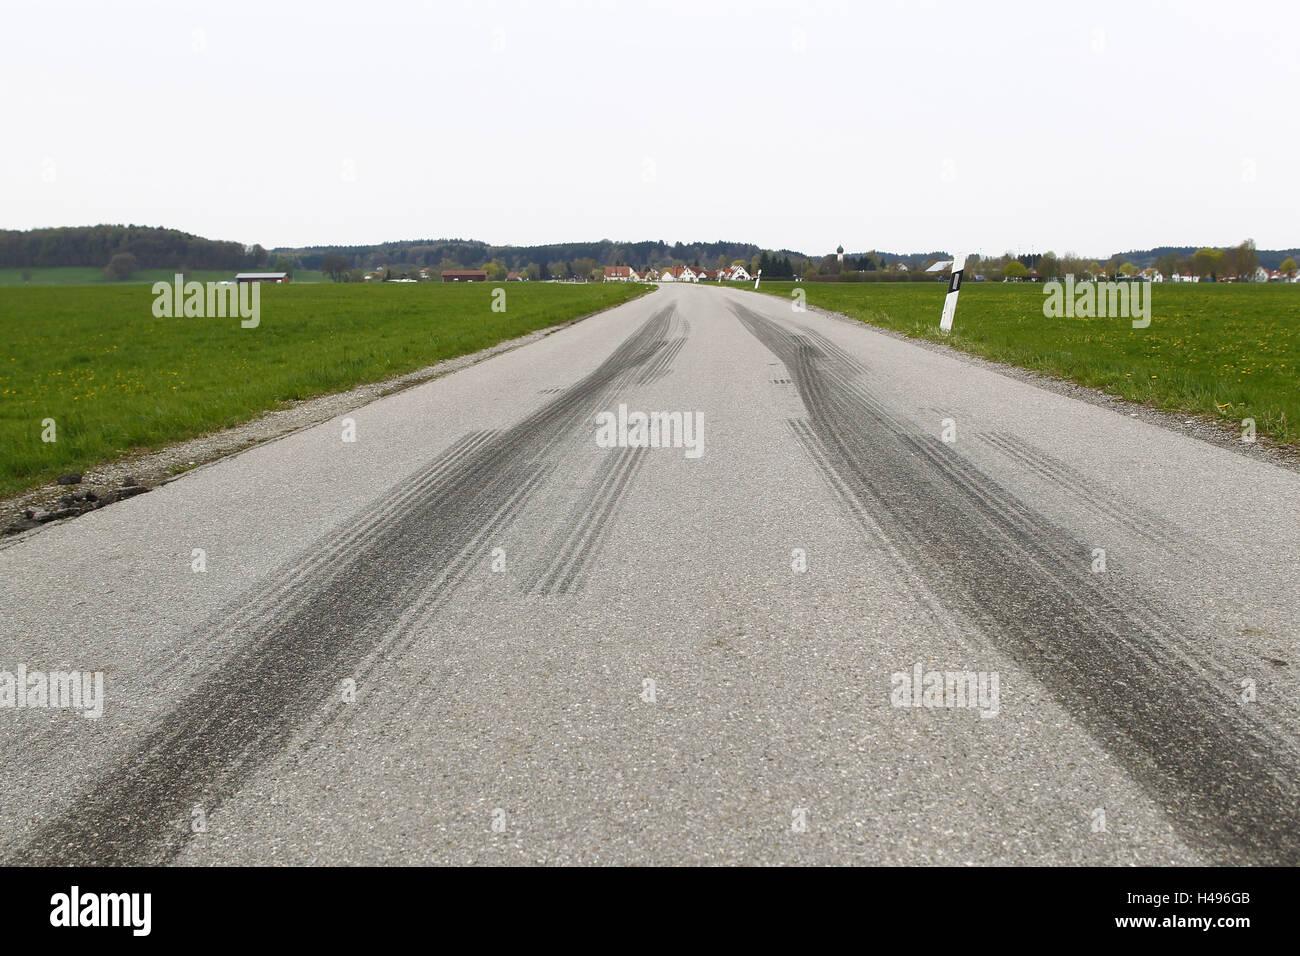 Corsie di accelerazione di un veicolo di trasporto passeggeri su strada di campagna, Immagini Stock